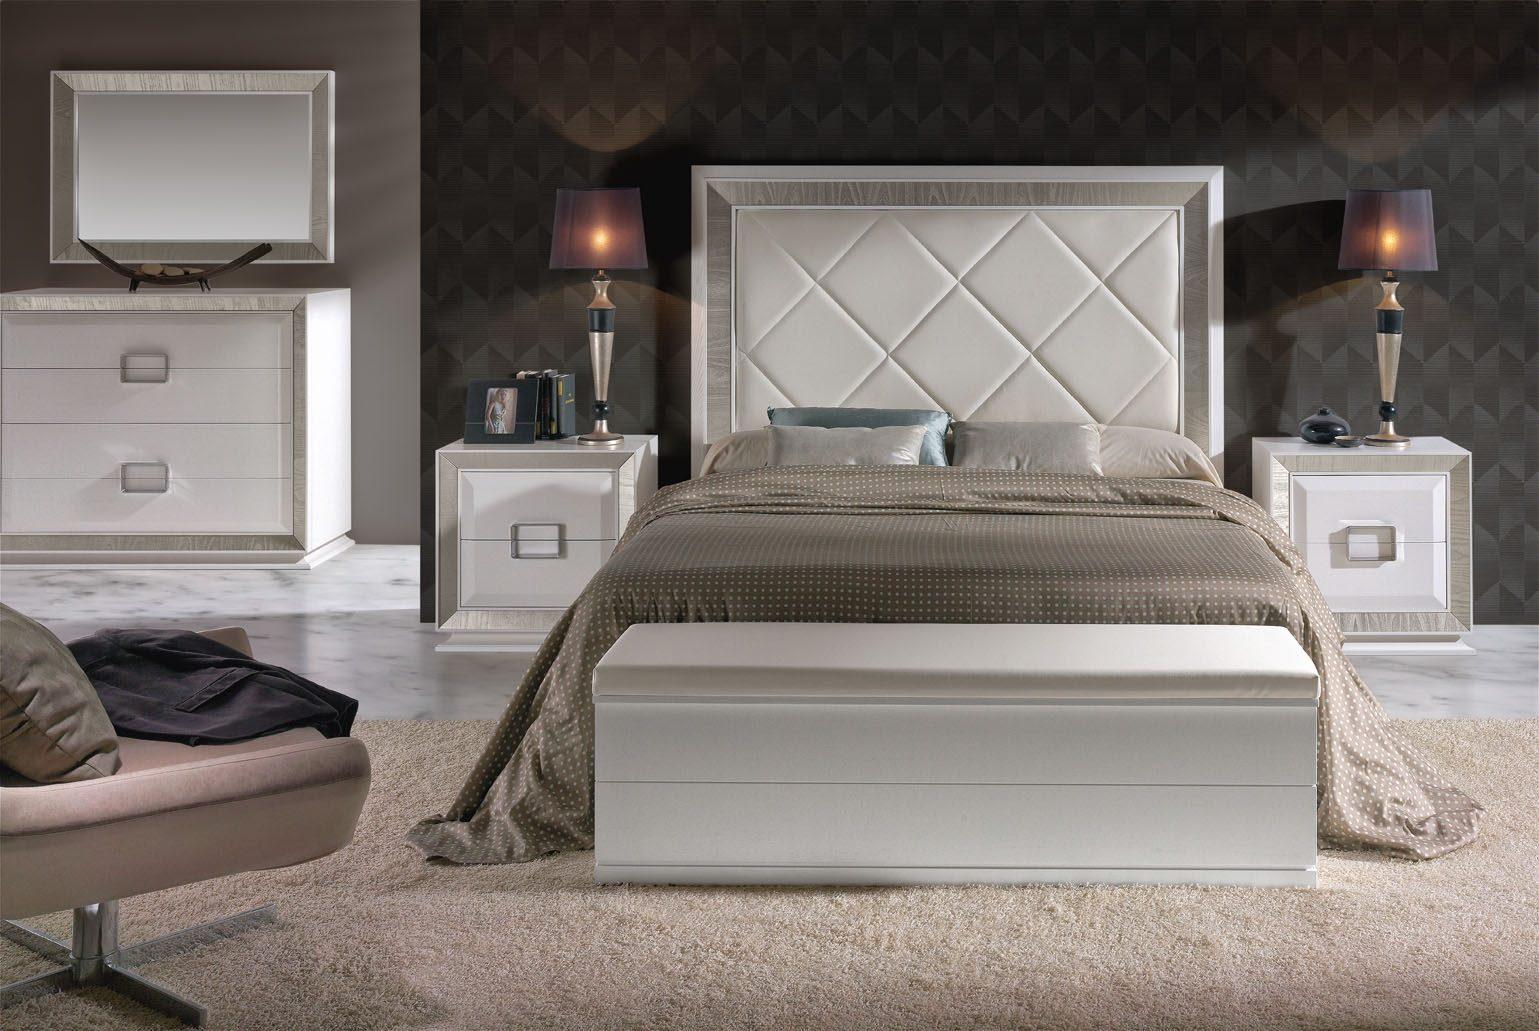 Dormitorio touch mobiliario hd for Eden del mueble